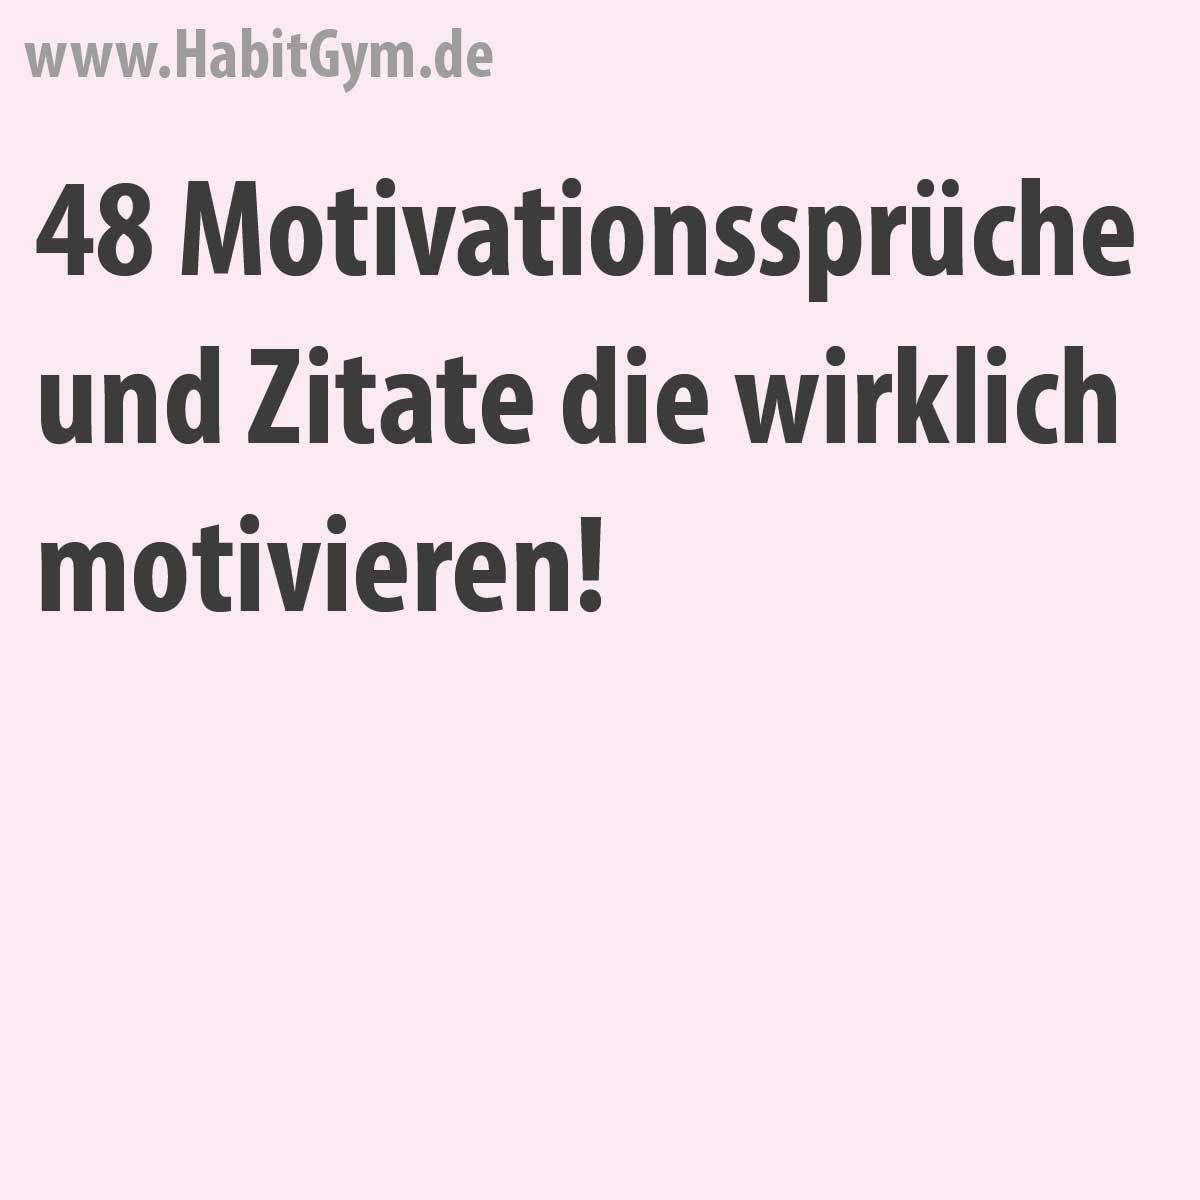 Laufmotivation Motivierende Spruche Zitate Bilder Videos Und